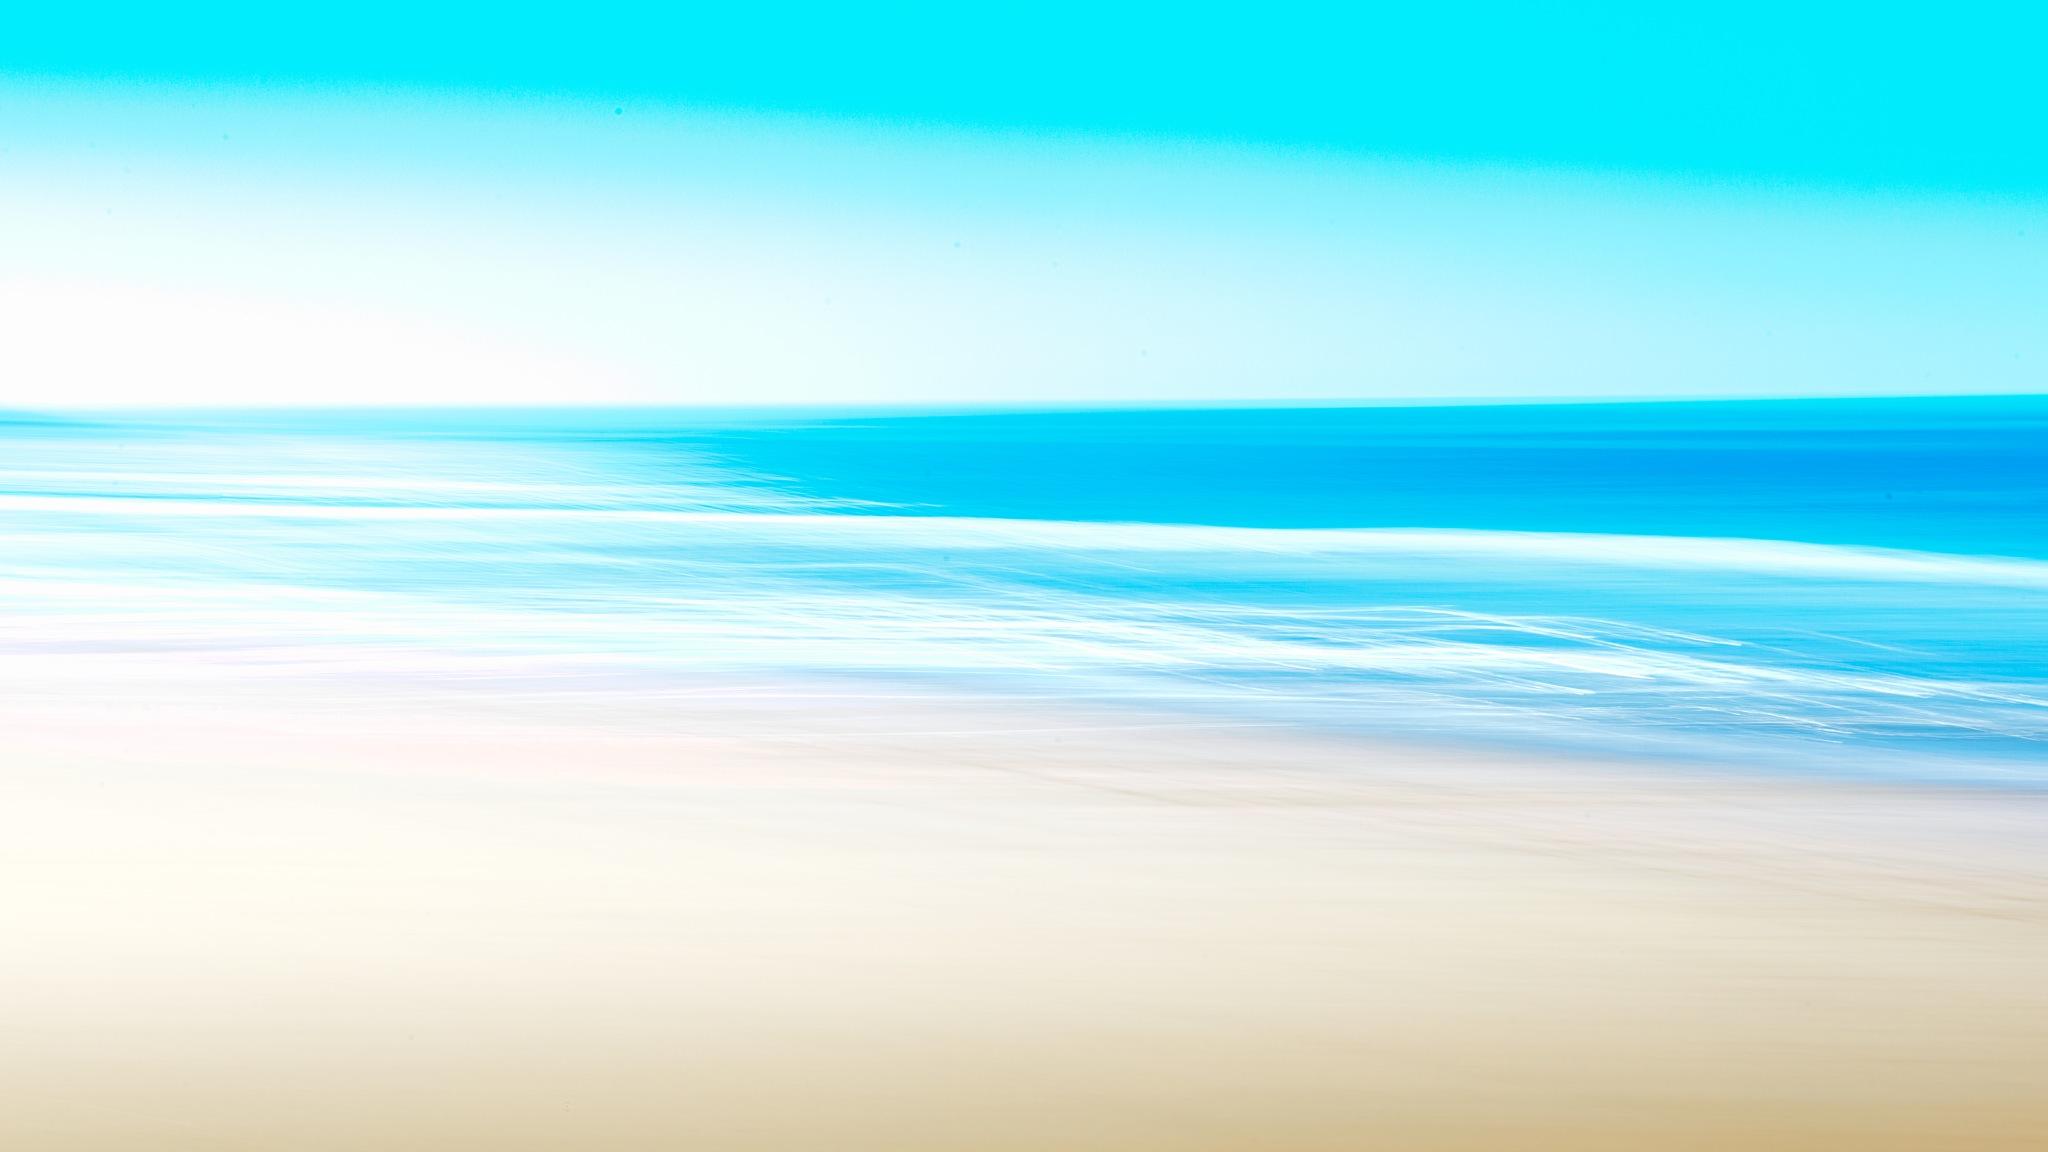 Blue World 3 by Marcel Weichert